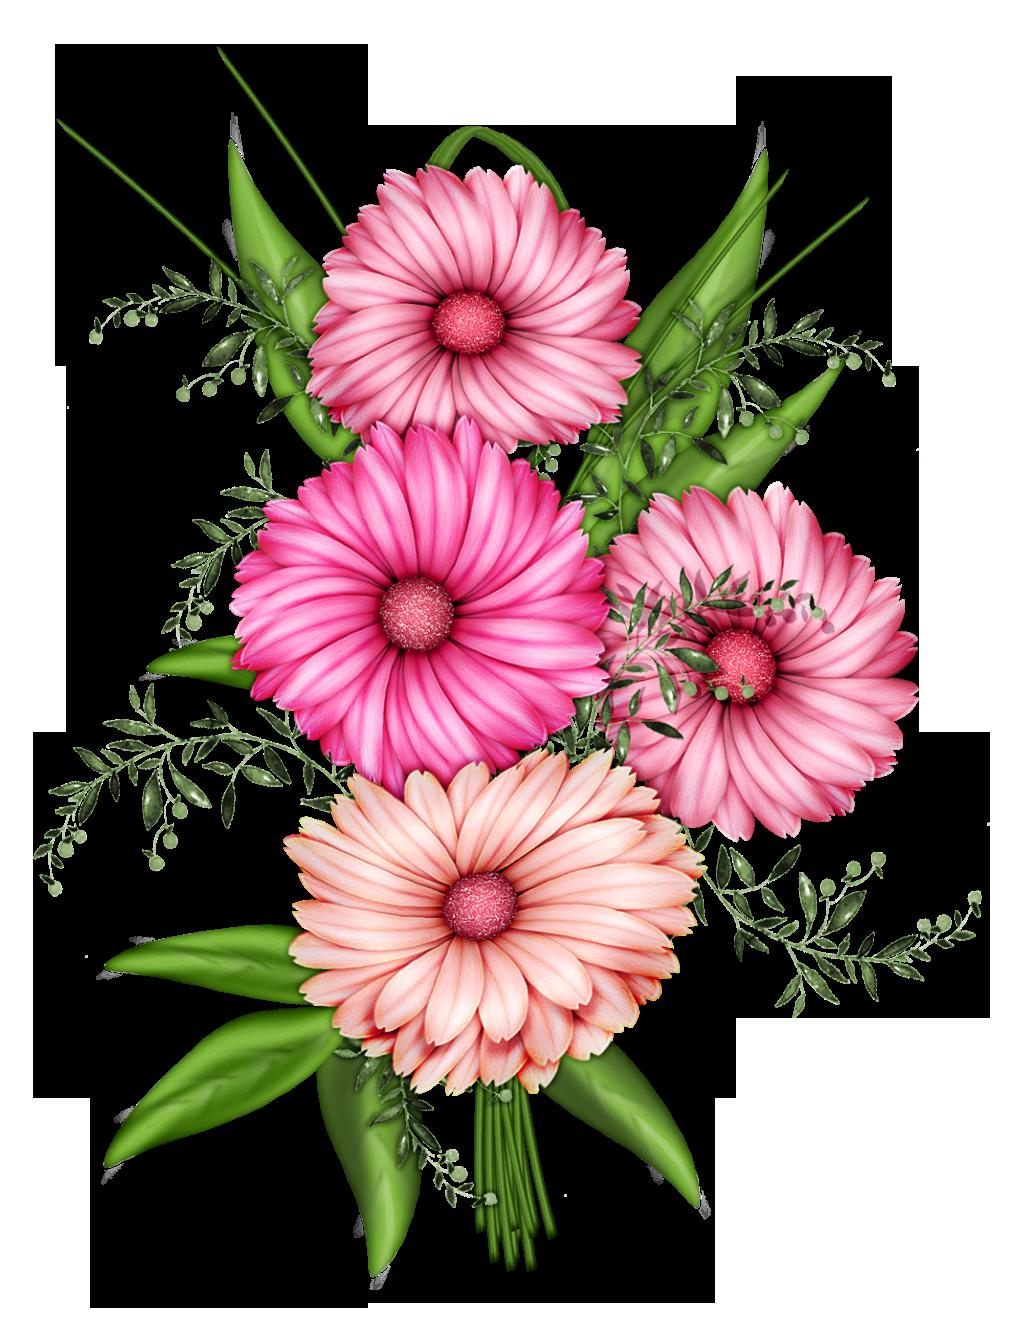 Blumen Bunt Png Transparent Blumen Bunt Png Images Pluspng